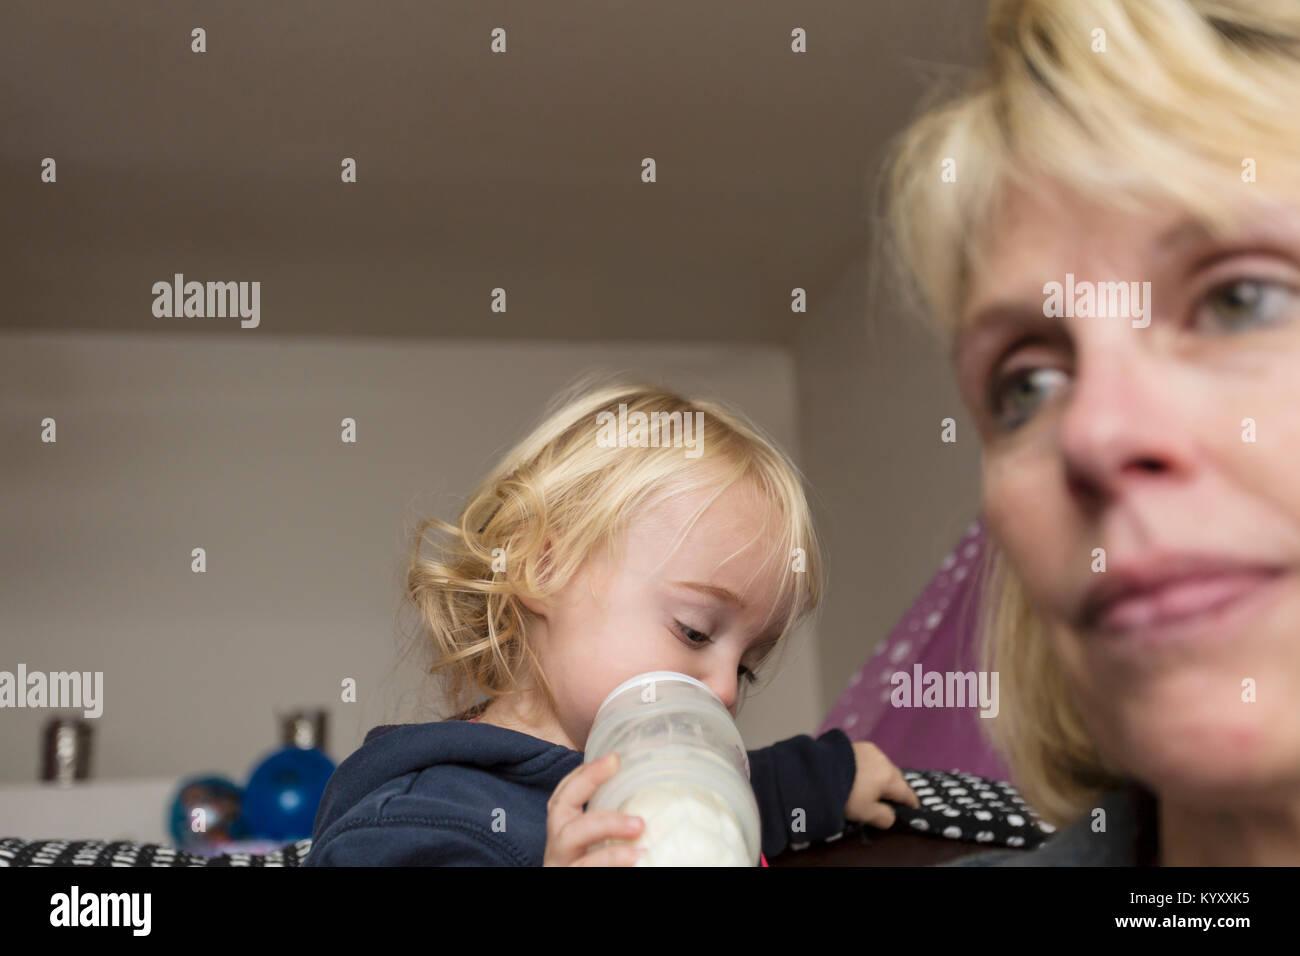 Depressiven Mutter mit 2 Jahre alten Kind Stockbild